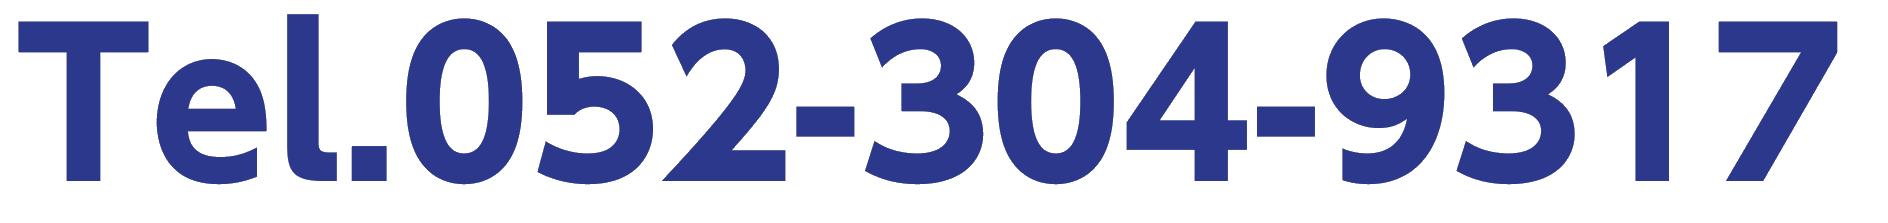 Tel052-304-9317